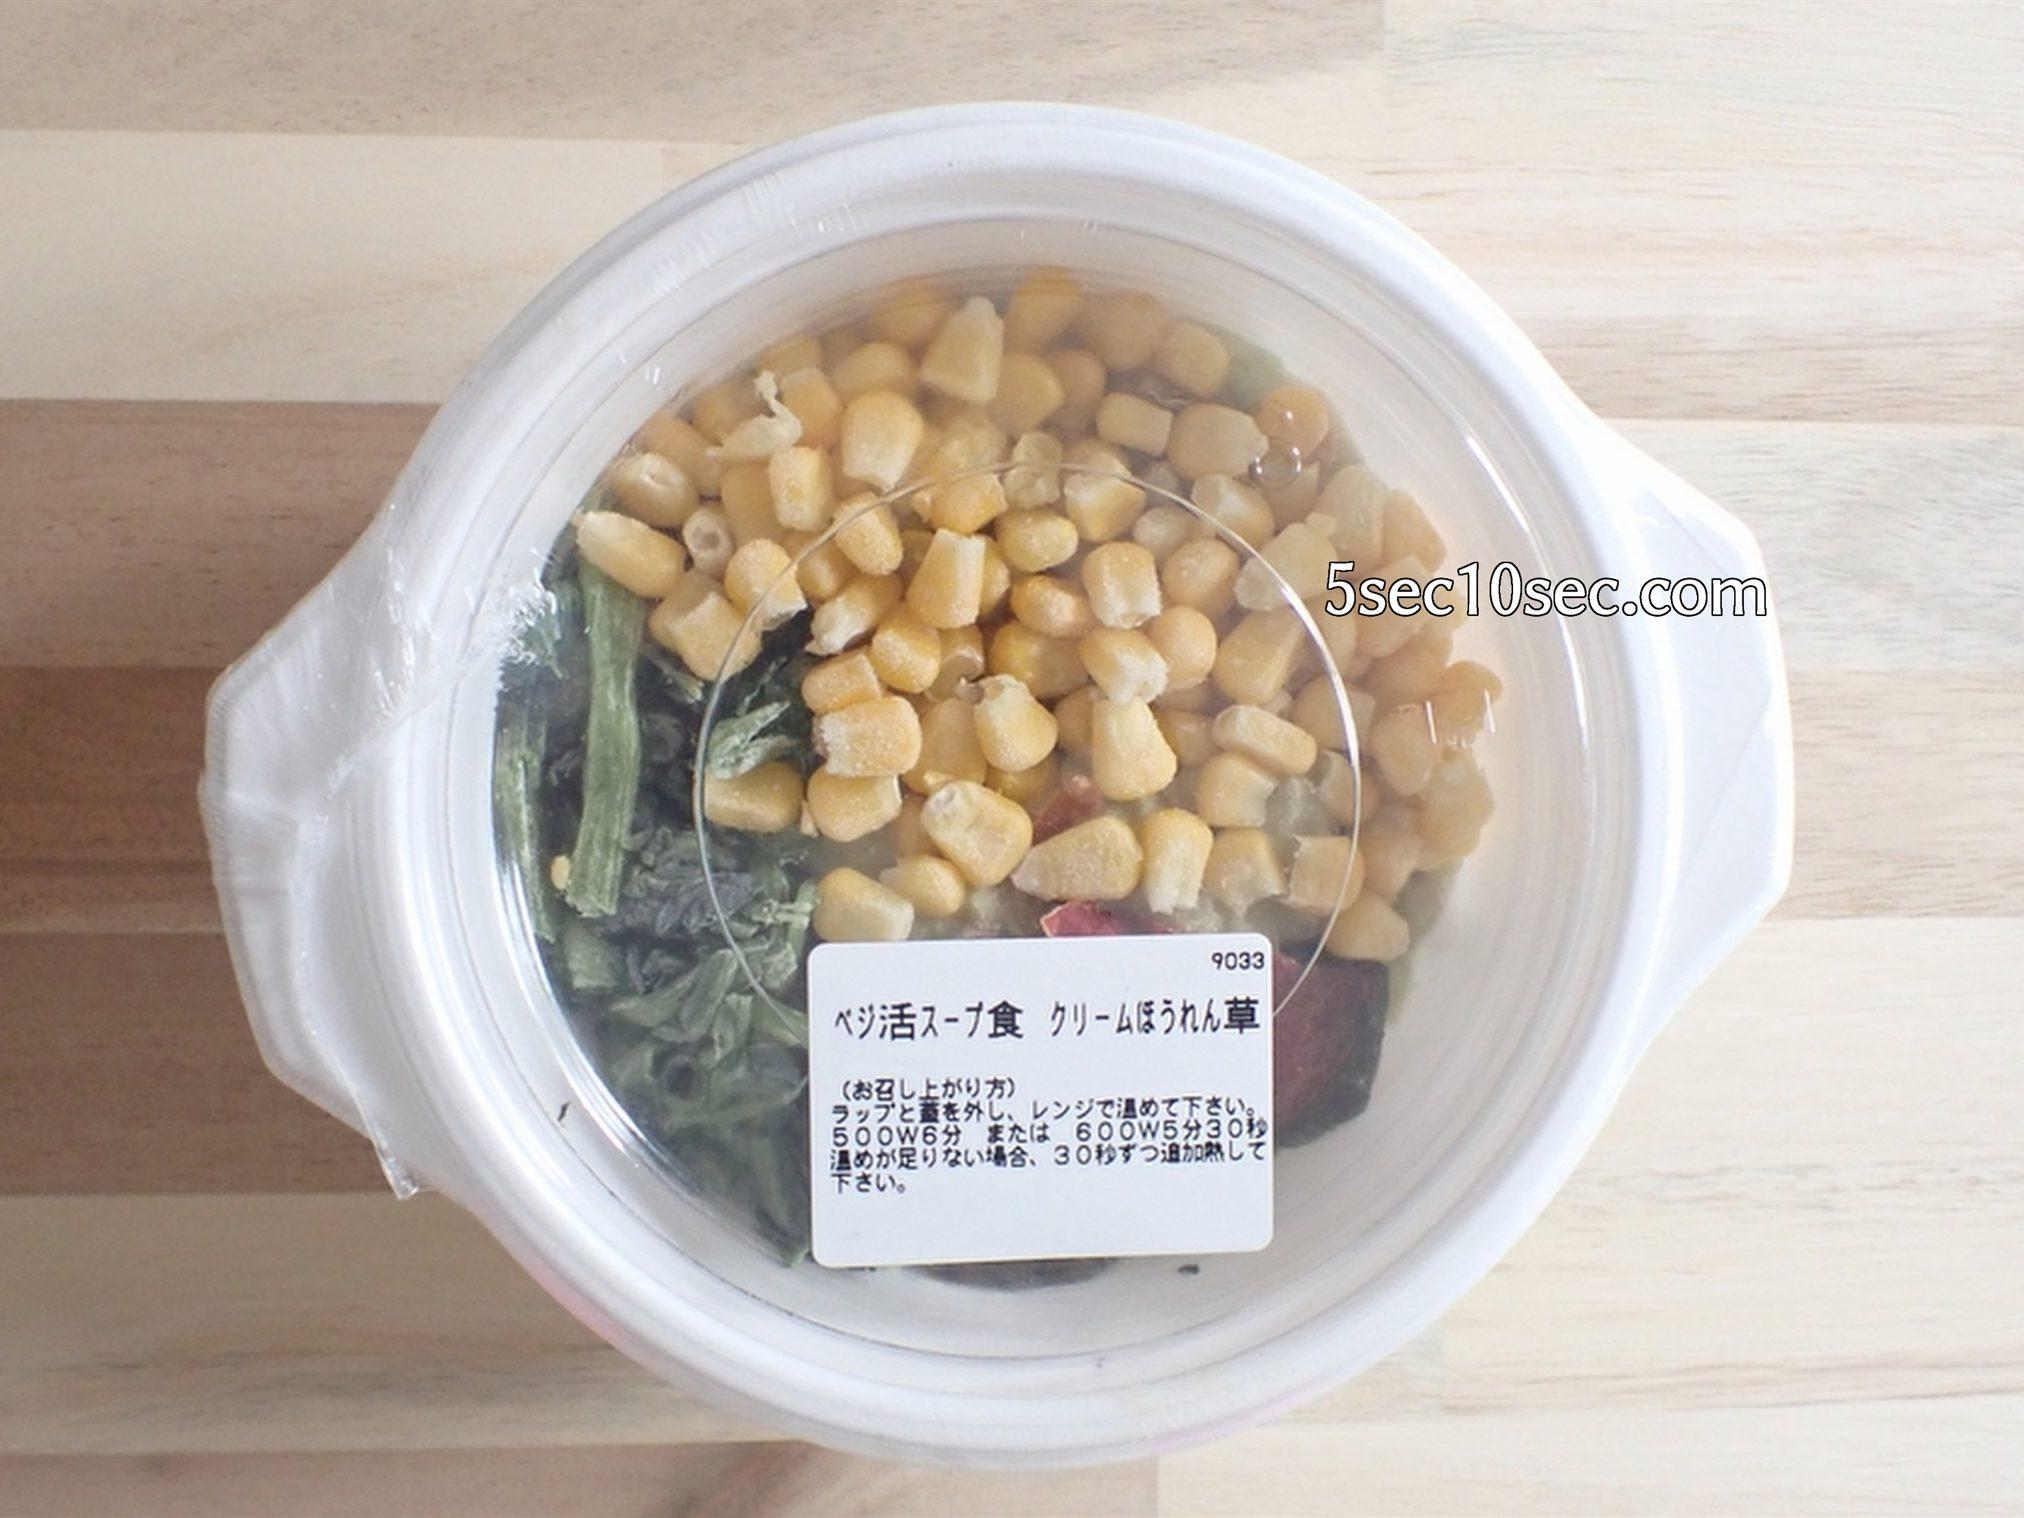 冷凍宅配 ウェルネスダイニング ベジ活スープ食 クリームほうれん草 解凍前の写真